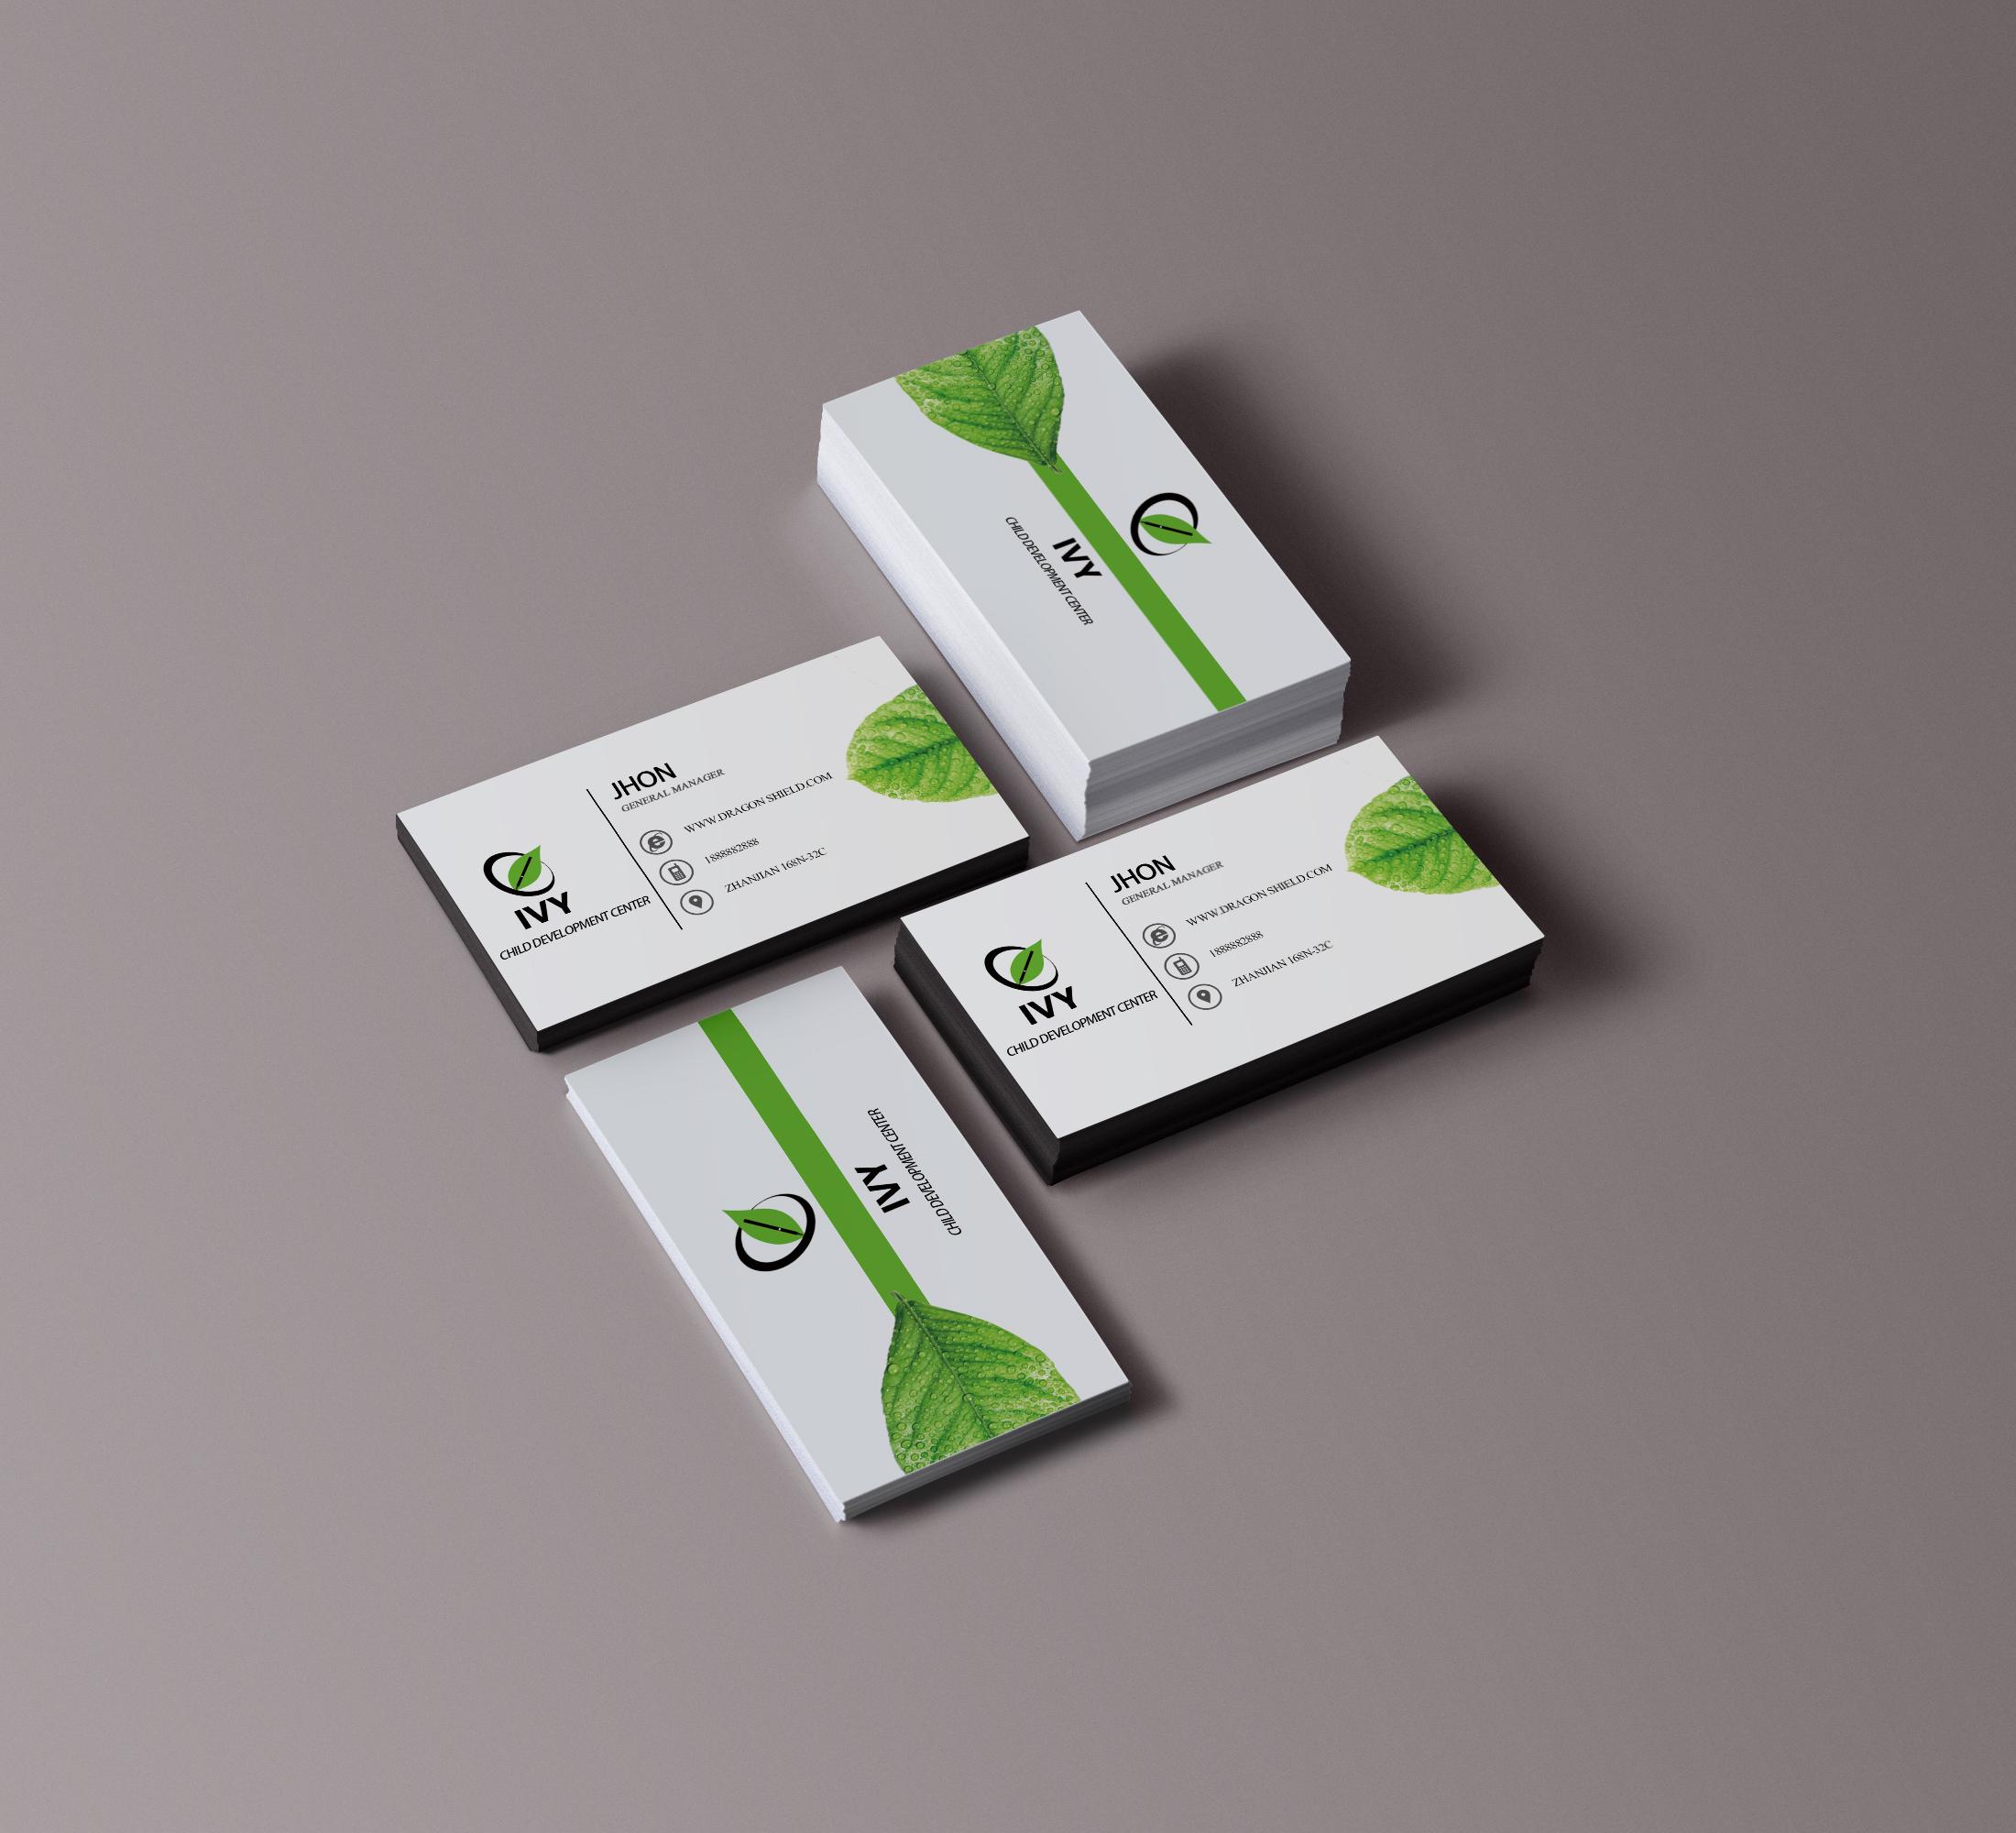 树叶logo设计|平面|标志|ryanden - 原创作品 - 站酷图片